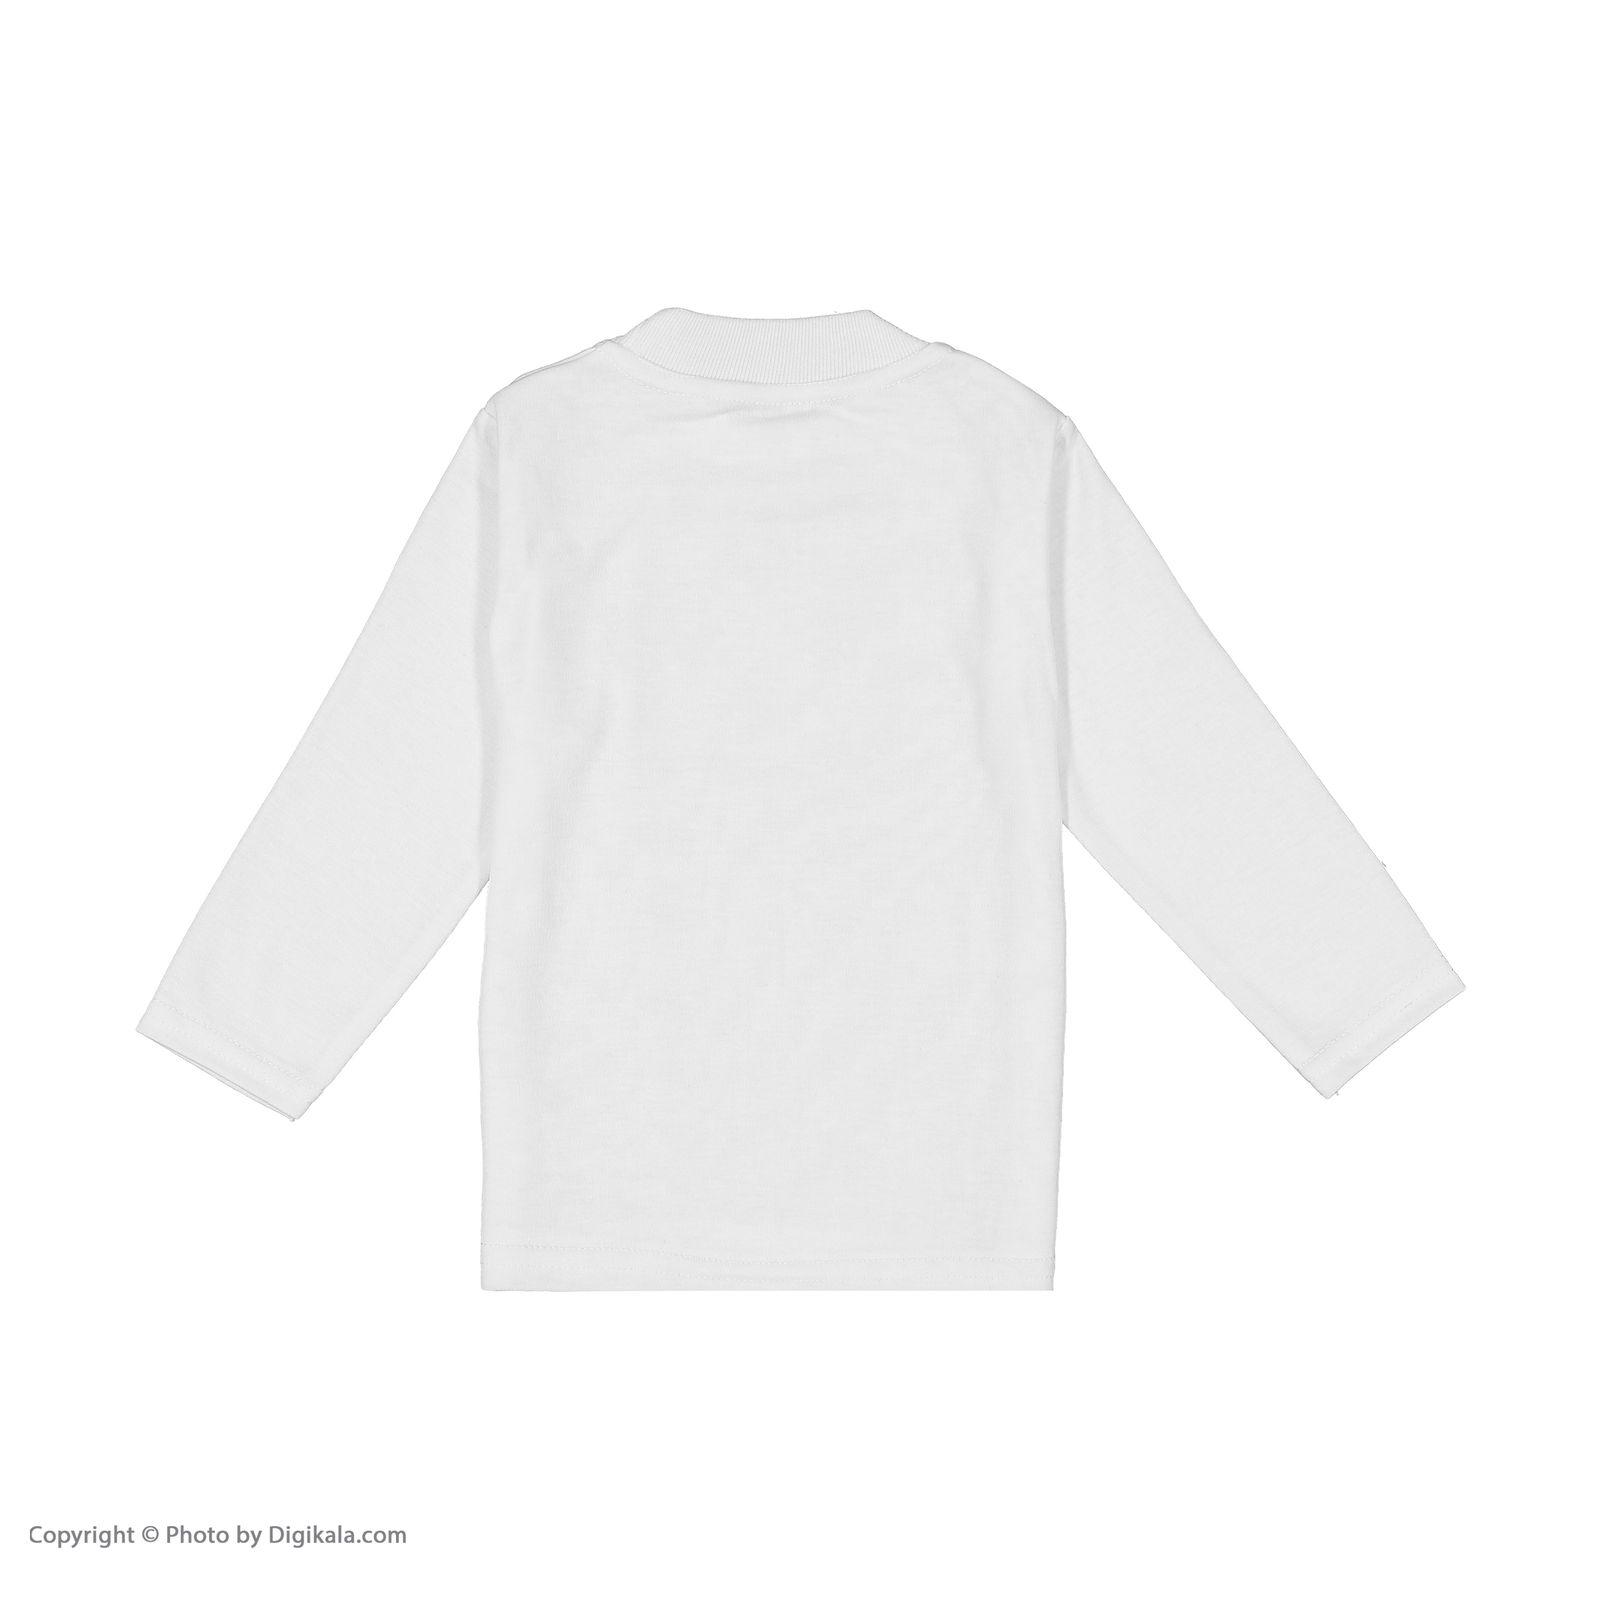 تی شرت دخترانه سیدونا مدل KSI2024-002 -  - 3